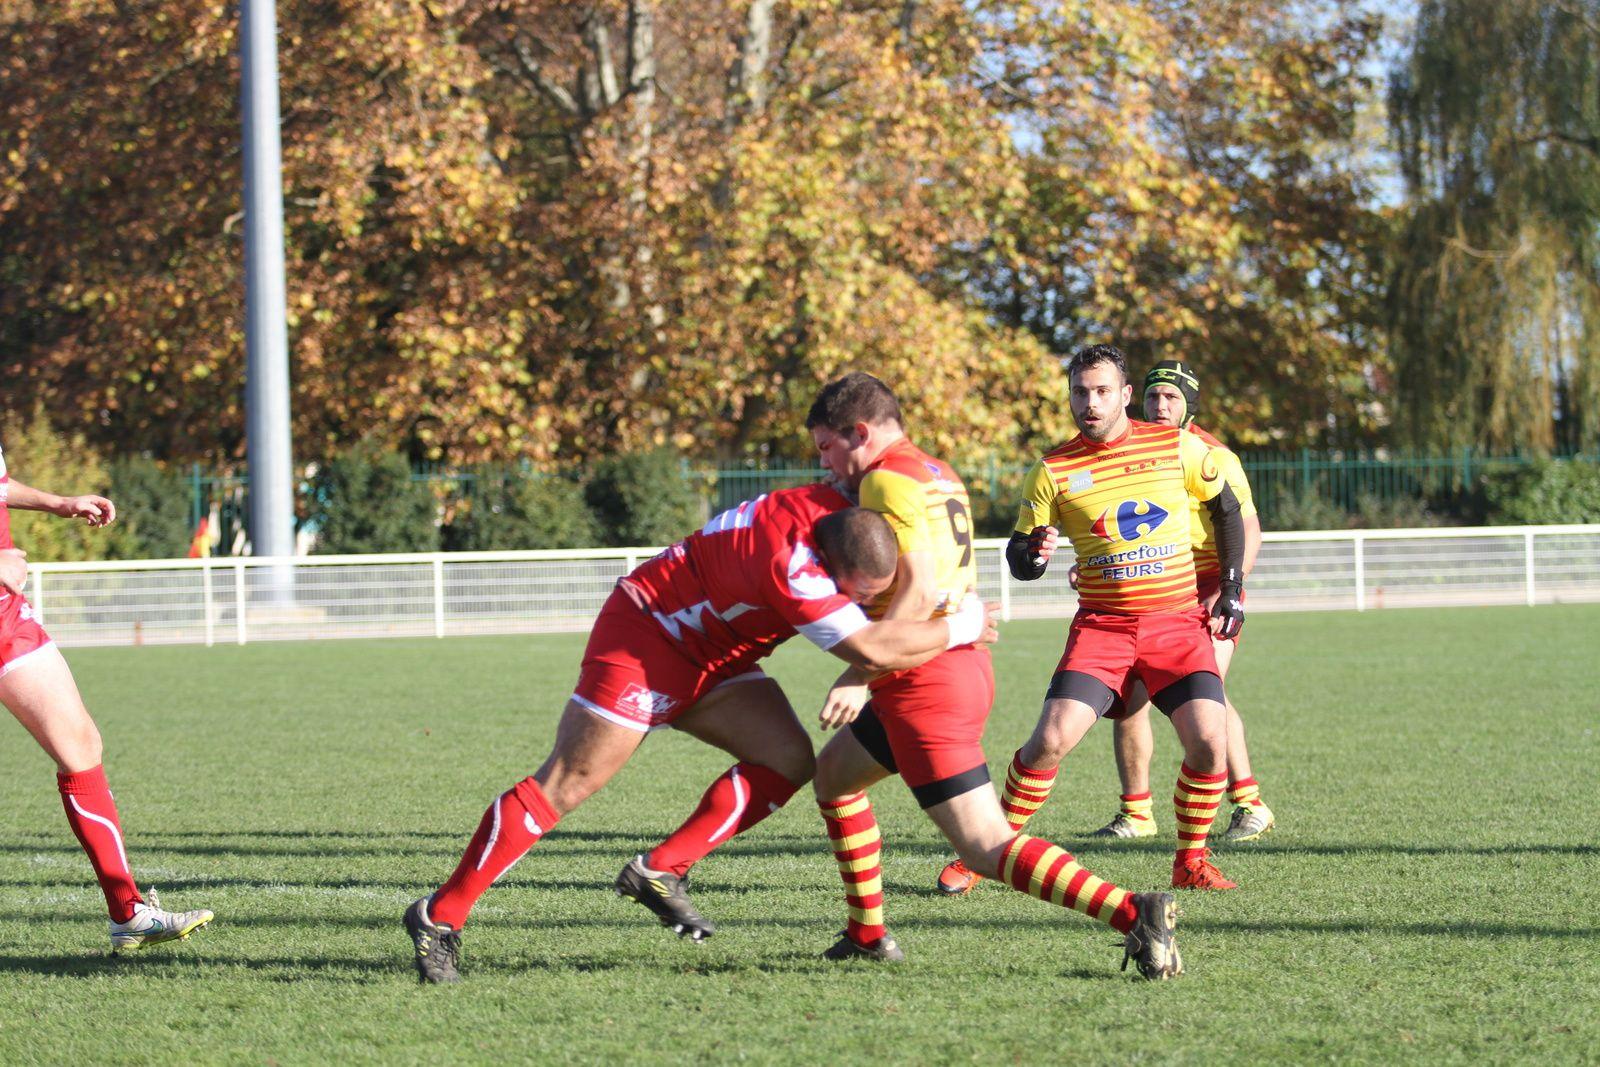 Seconde victoire sur 7 rencontres jouées pour l'US Vénissieux Rugby